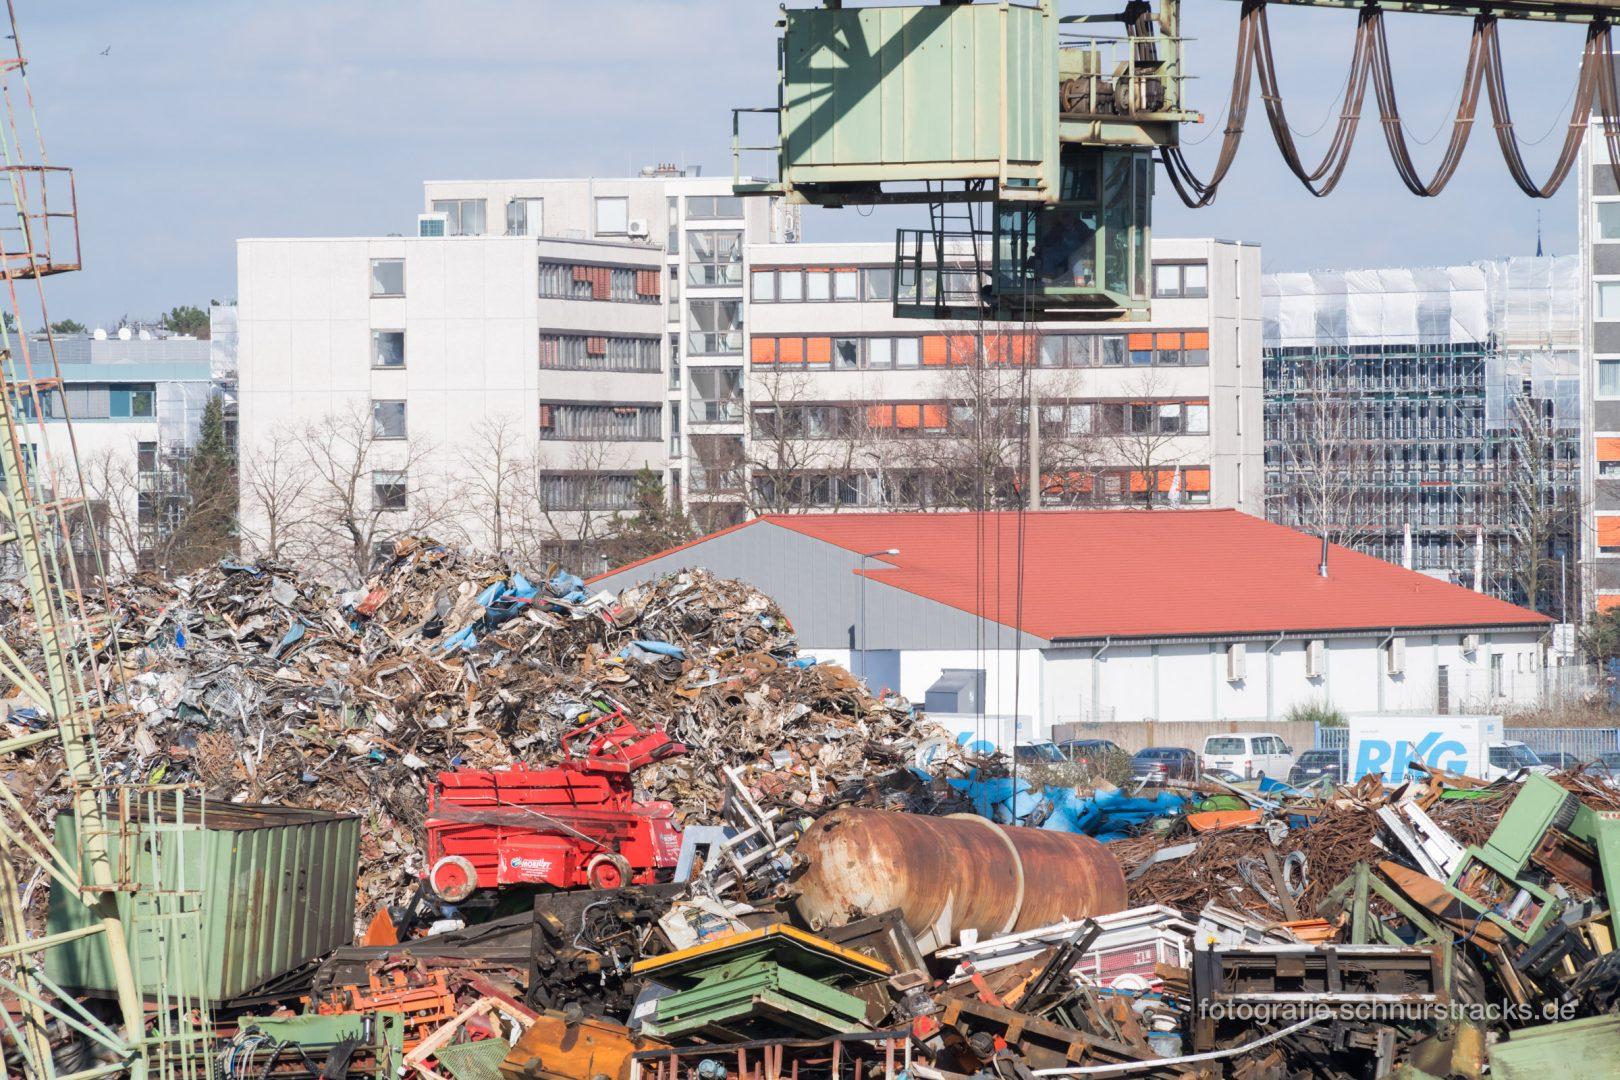 Recyling Deutzer Hafen #1090